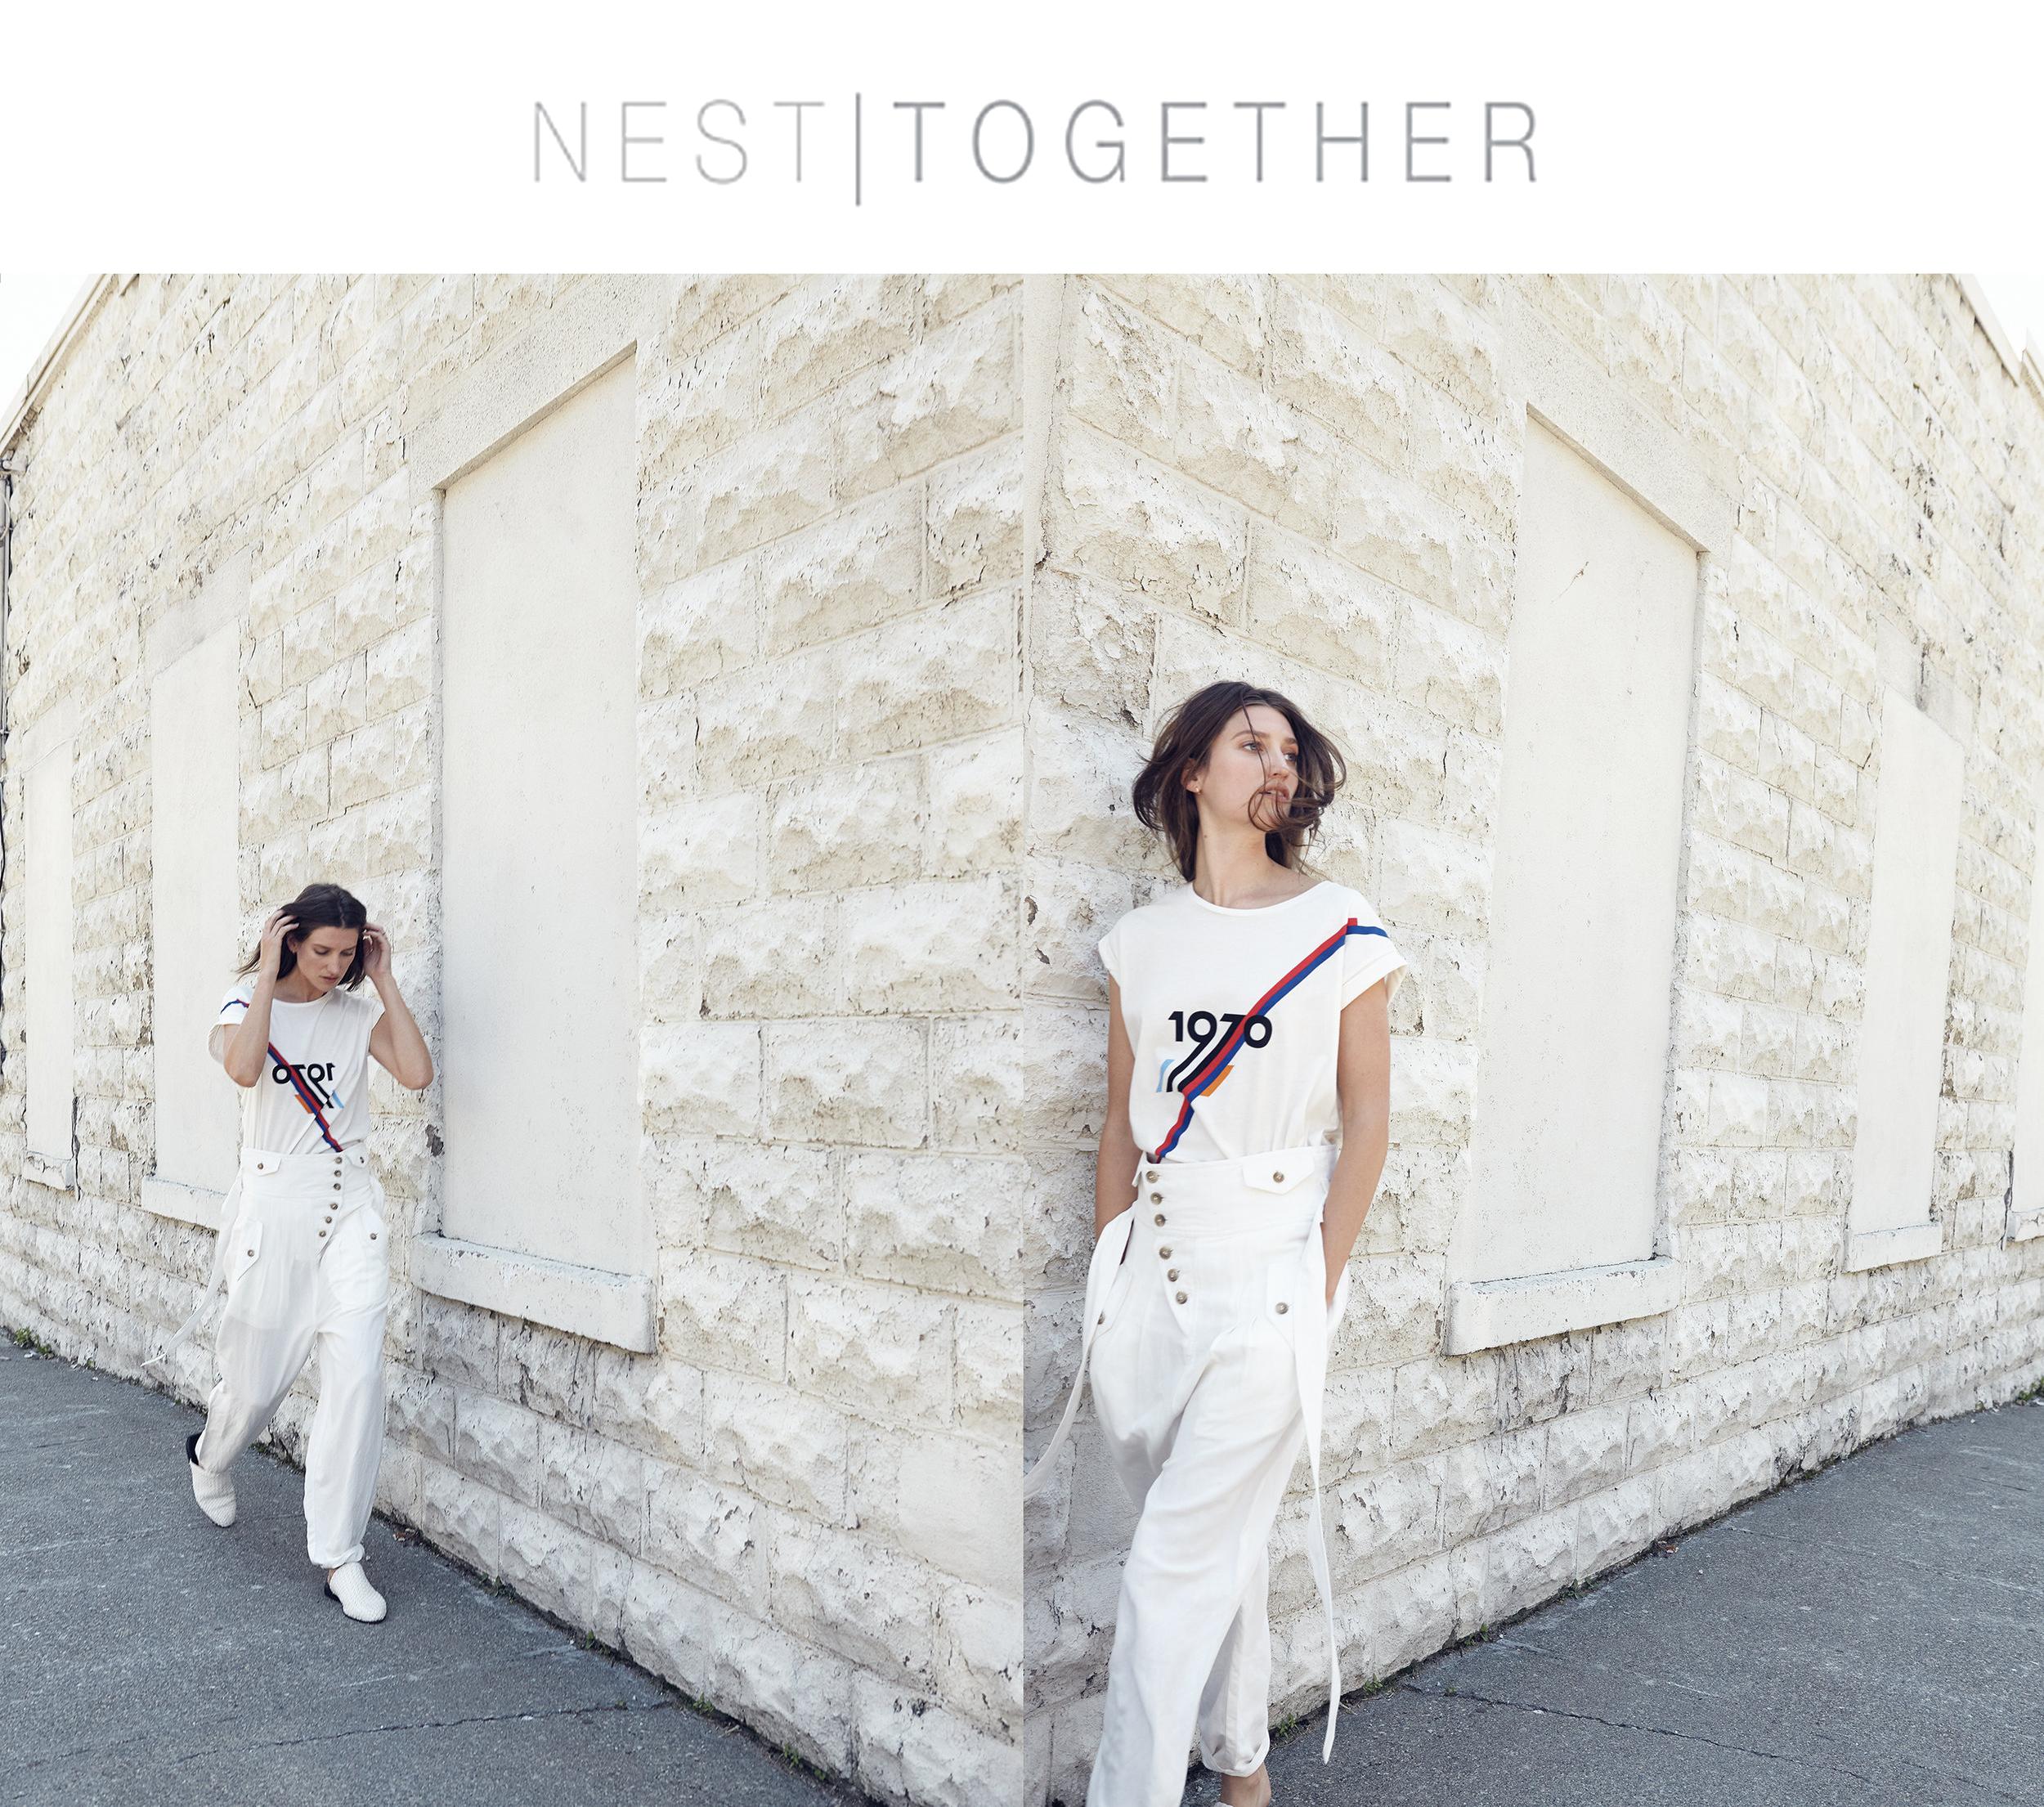 NEST TOGETHER - JUIN 2017